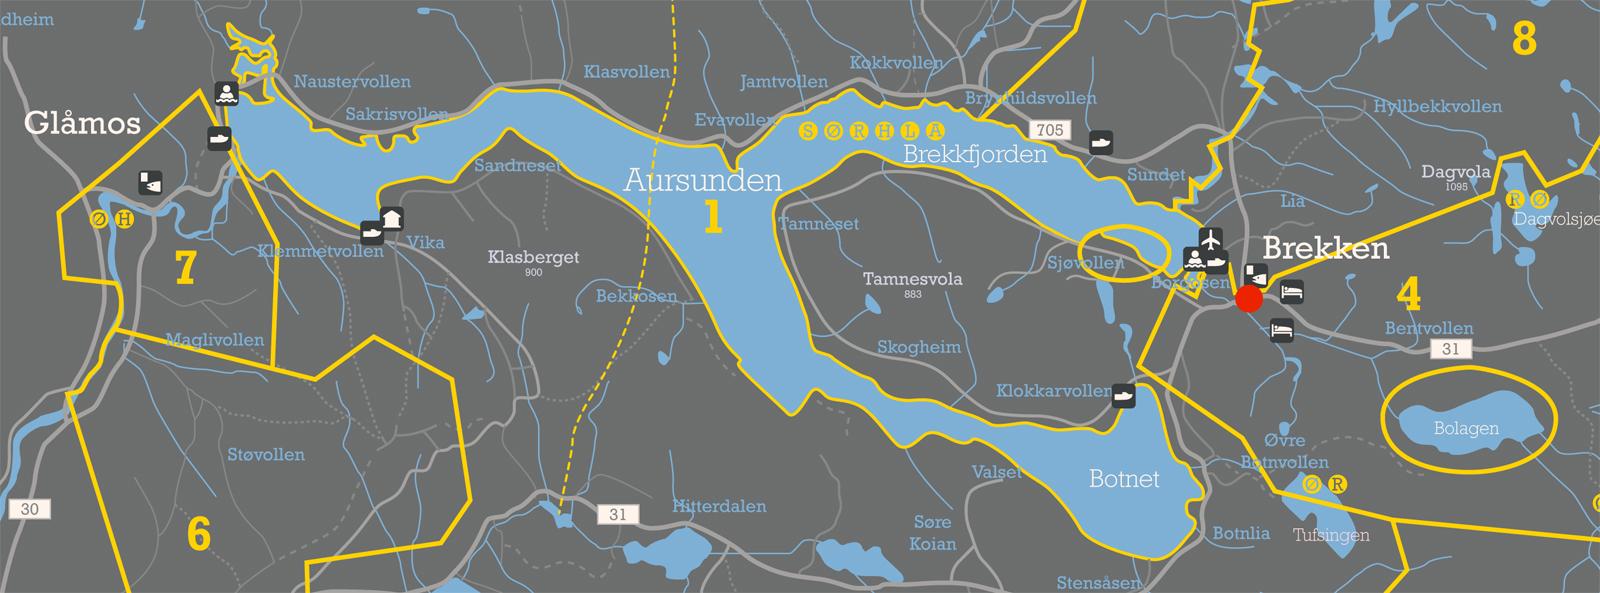 aursunden_kart